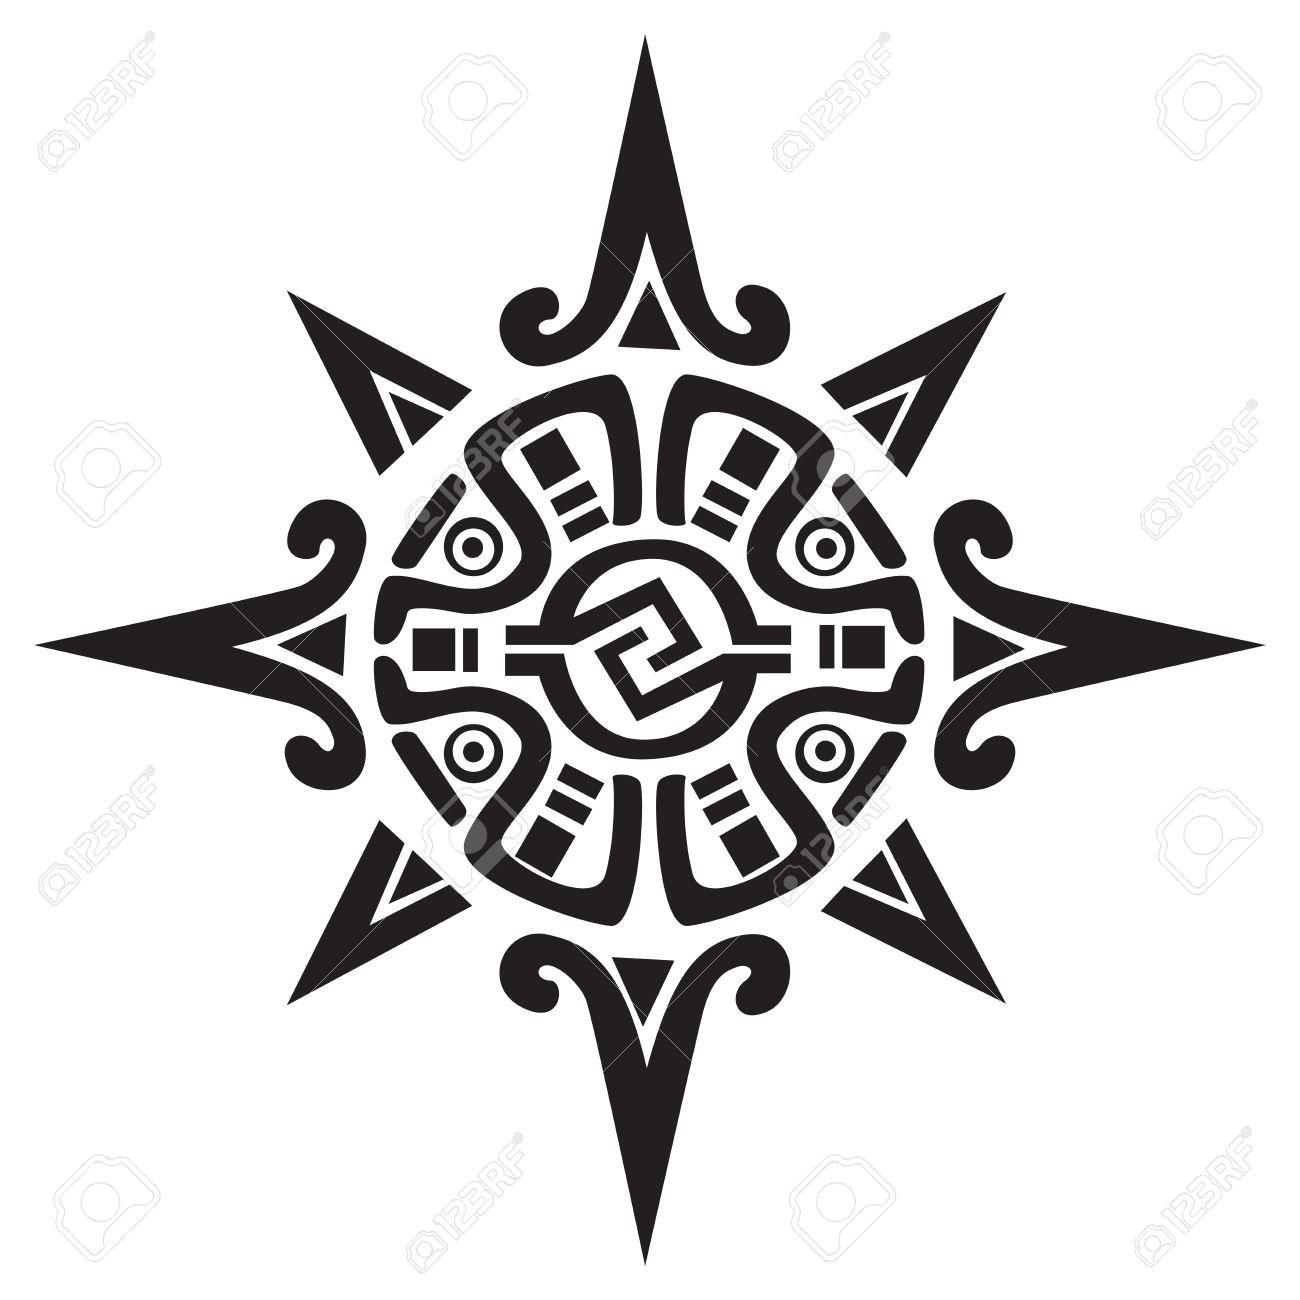 Symbole Maya Inca Ou D Un Soleil Ou Etoile Isole Sur Blanc Grande